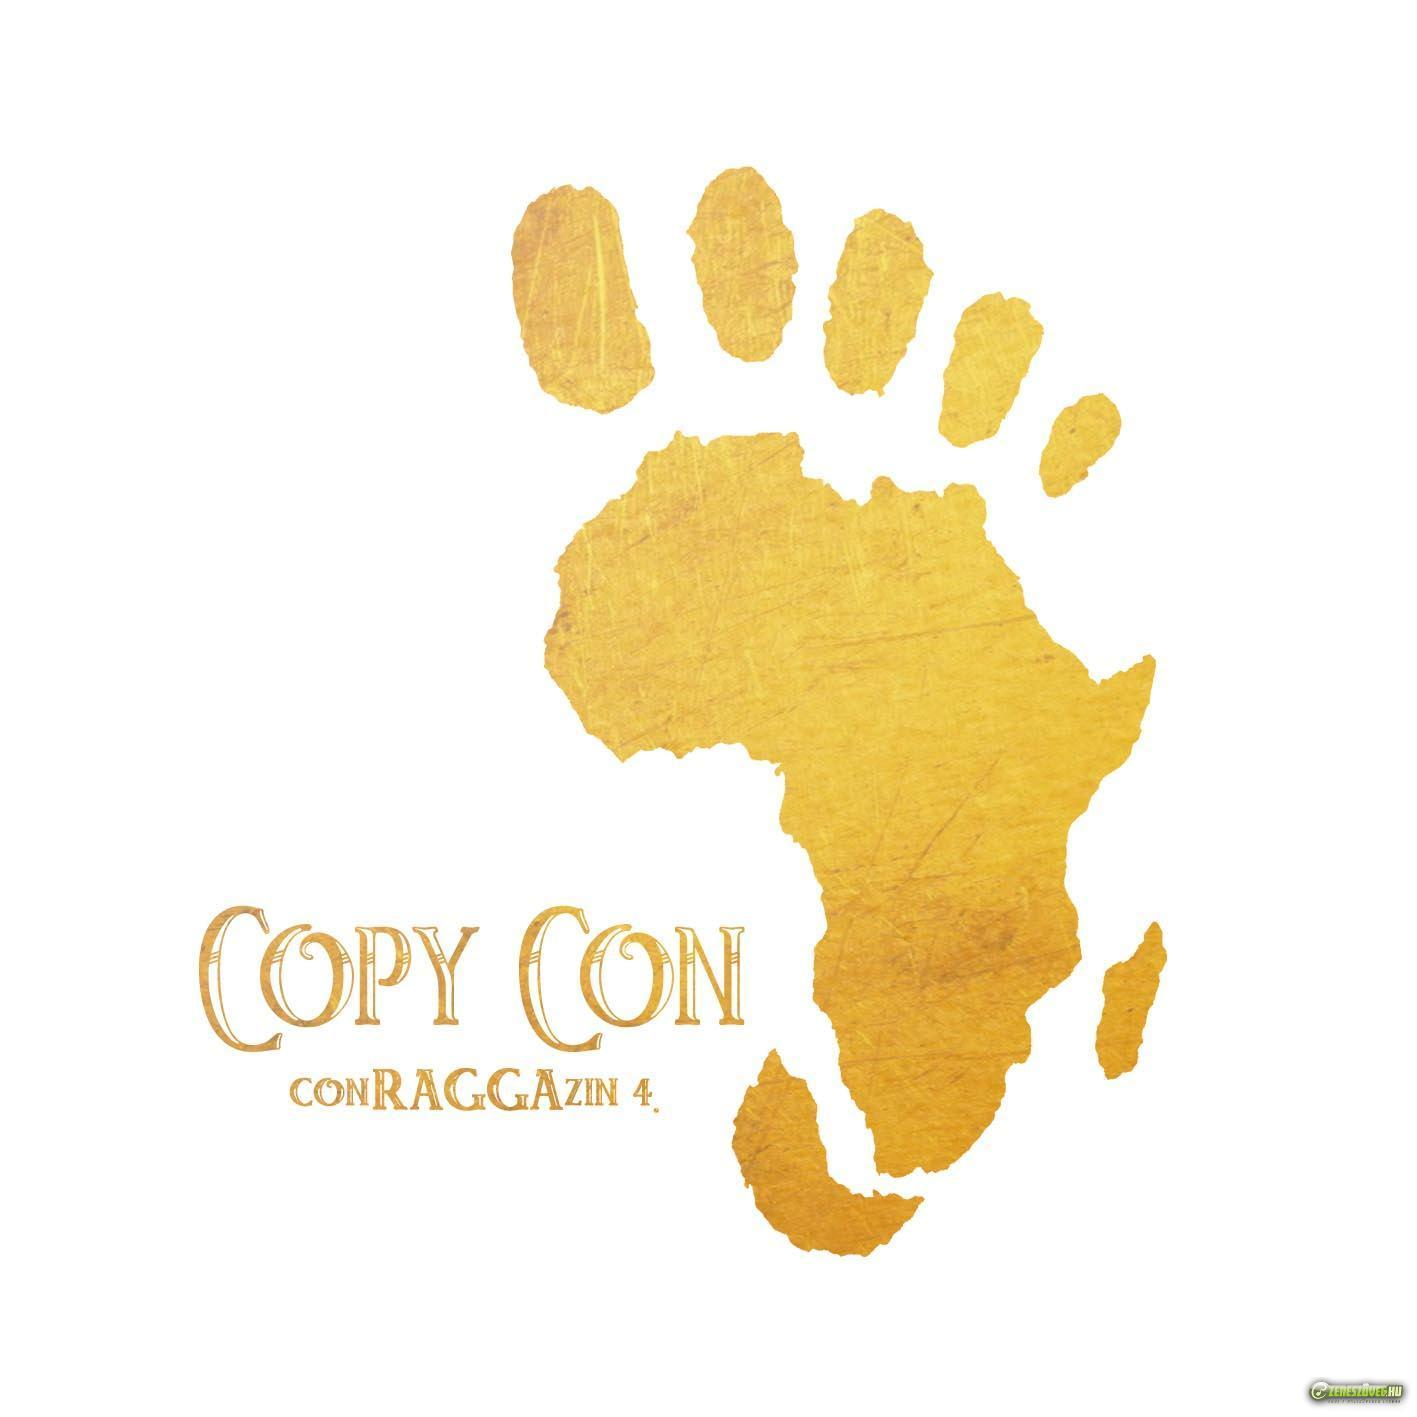 Copy Con ConRAGGAzzin 4.